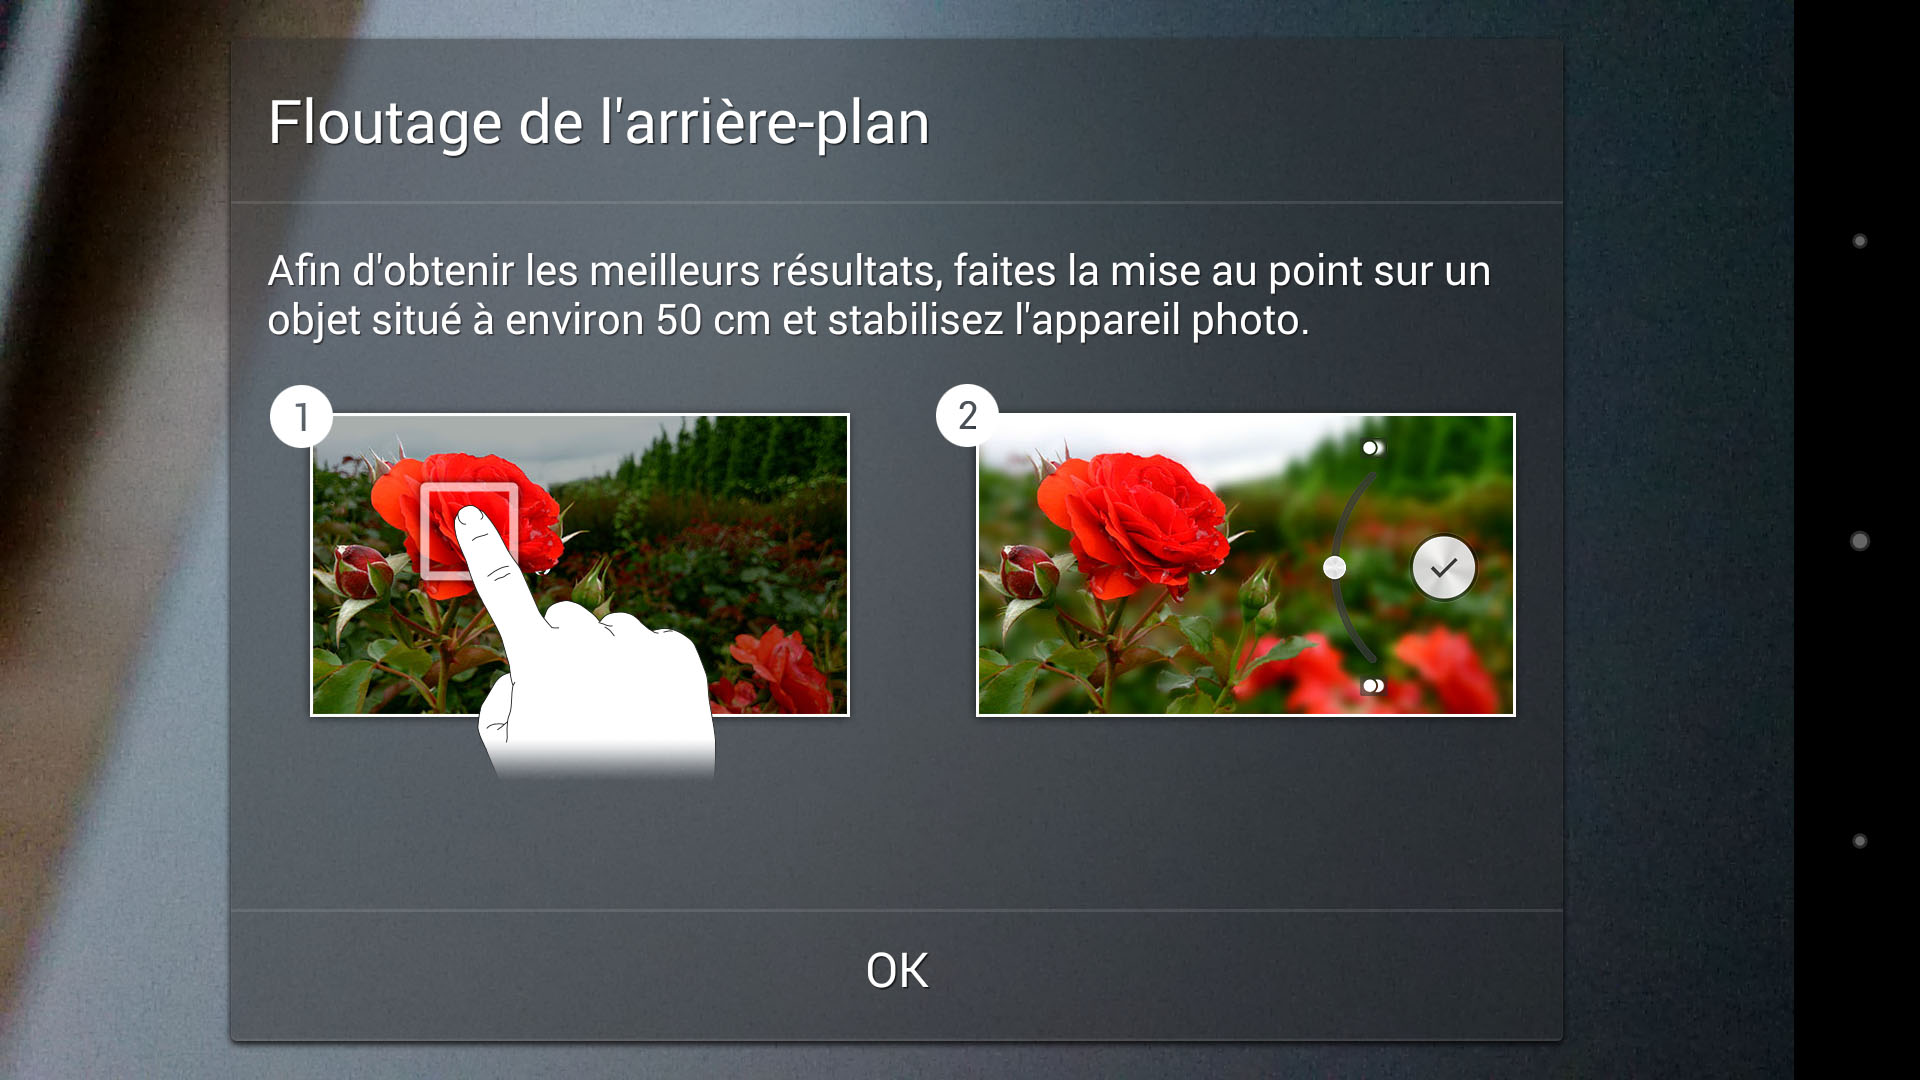 L'application Floutage de l'arrière-plan pour l'appareil photo des smartphones de la série Xperia Z.